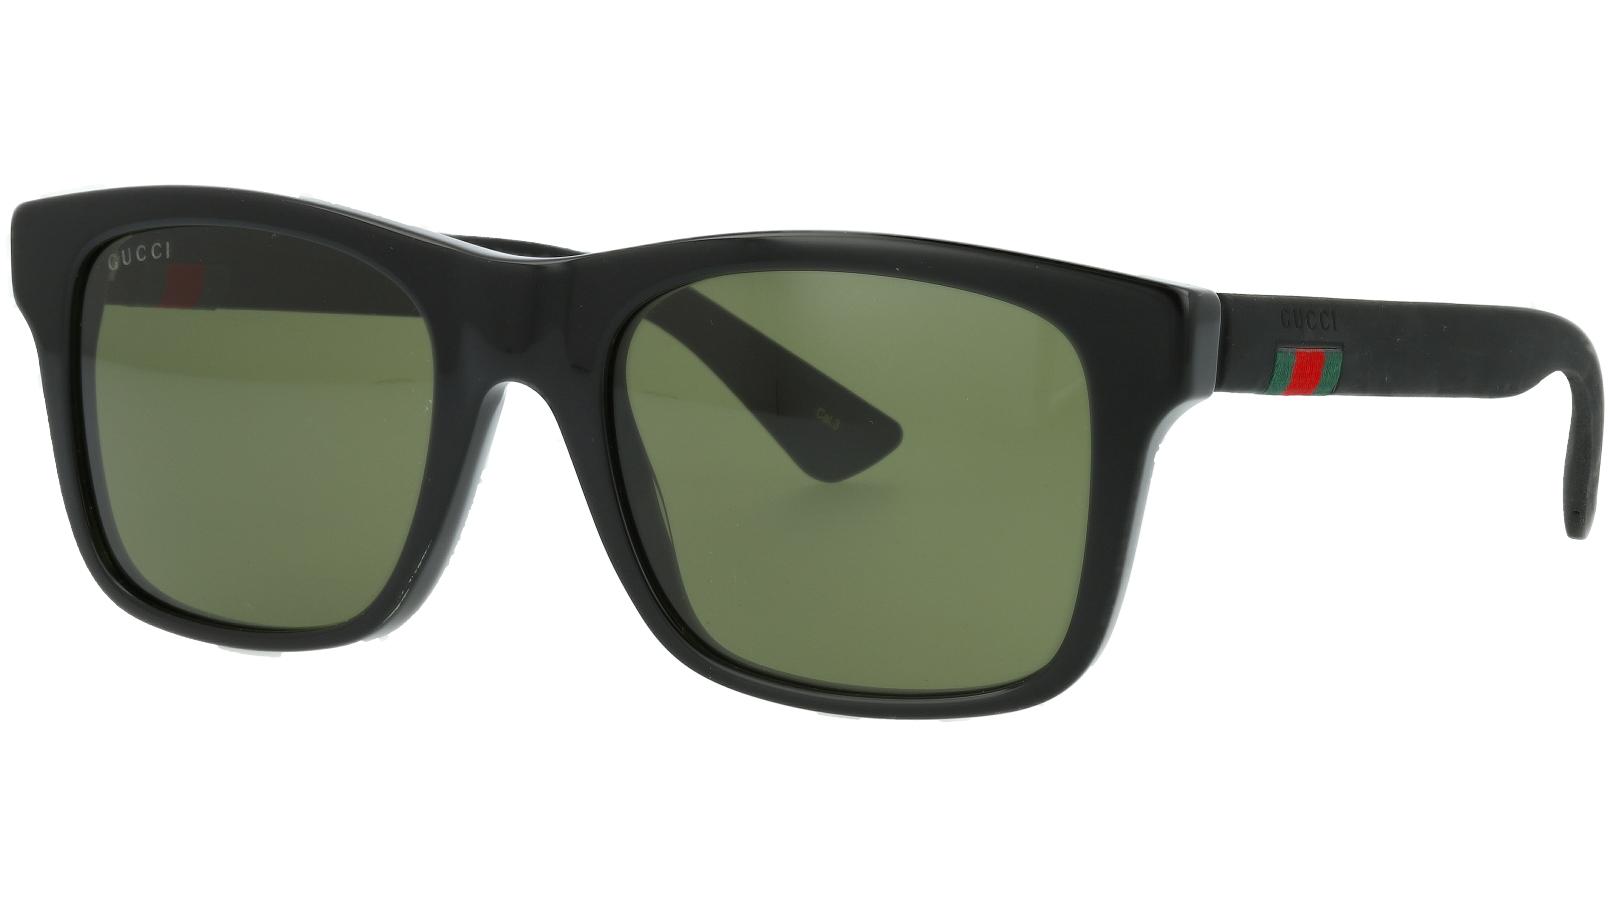 GUCCI GG0008S 001 53 BLACK Sunglasses